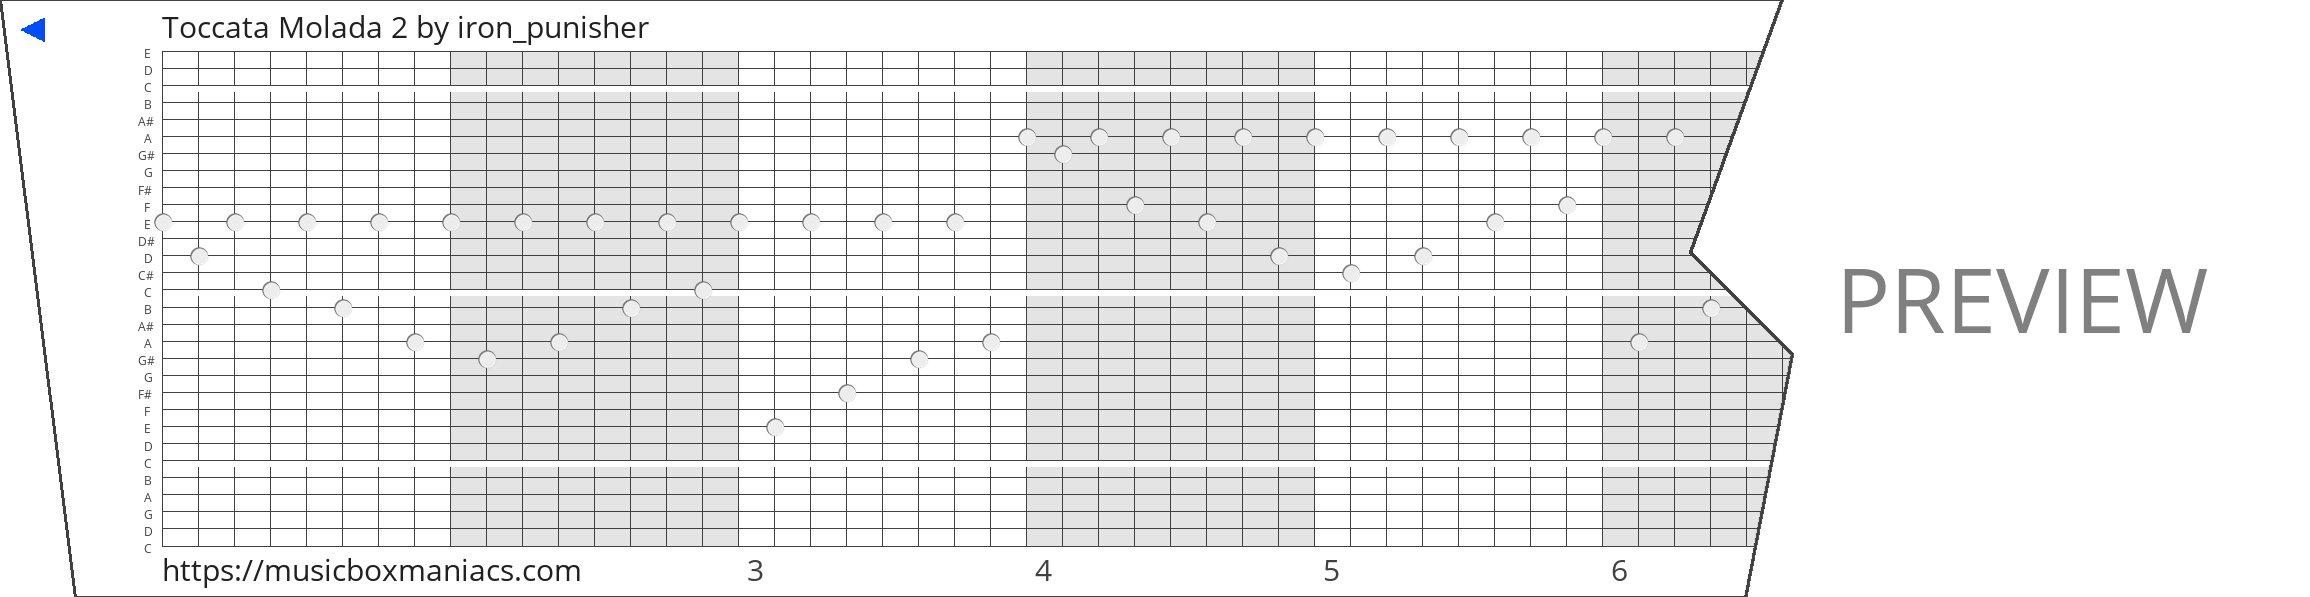 Toccata Molada 2 30 note music box paper strip